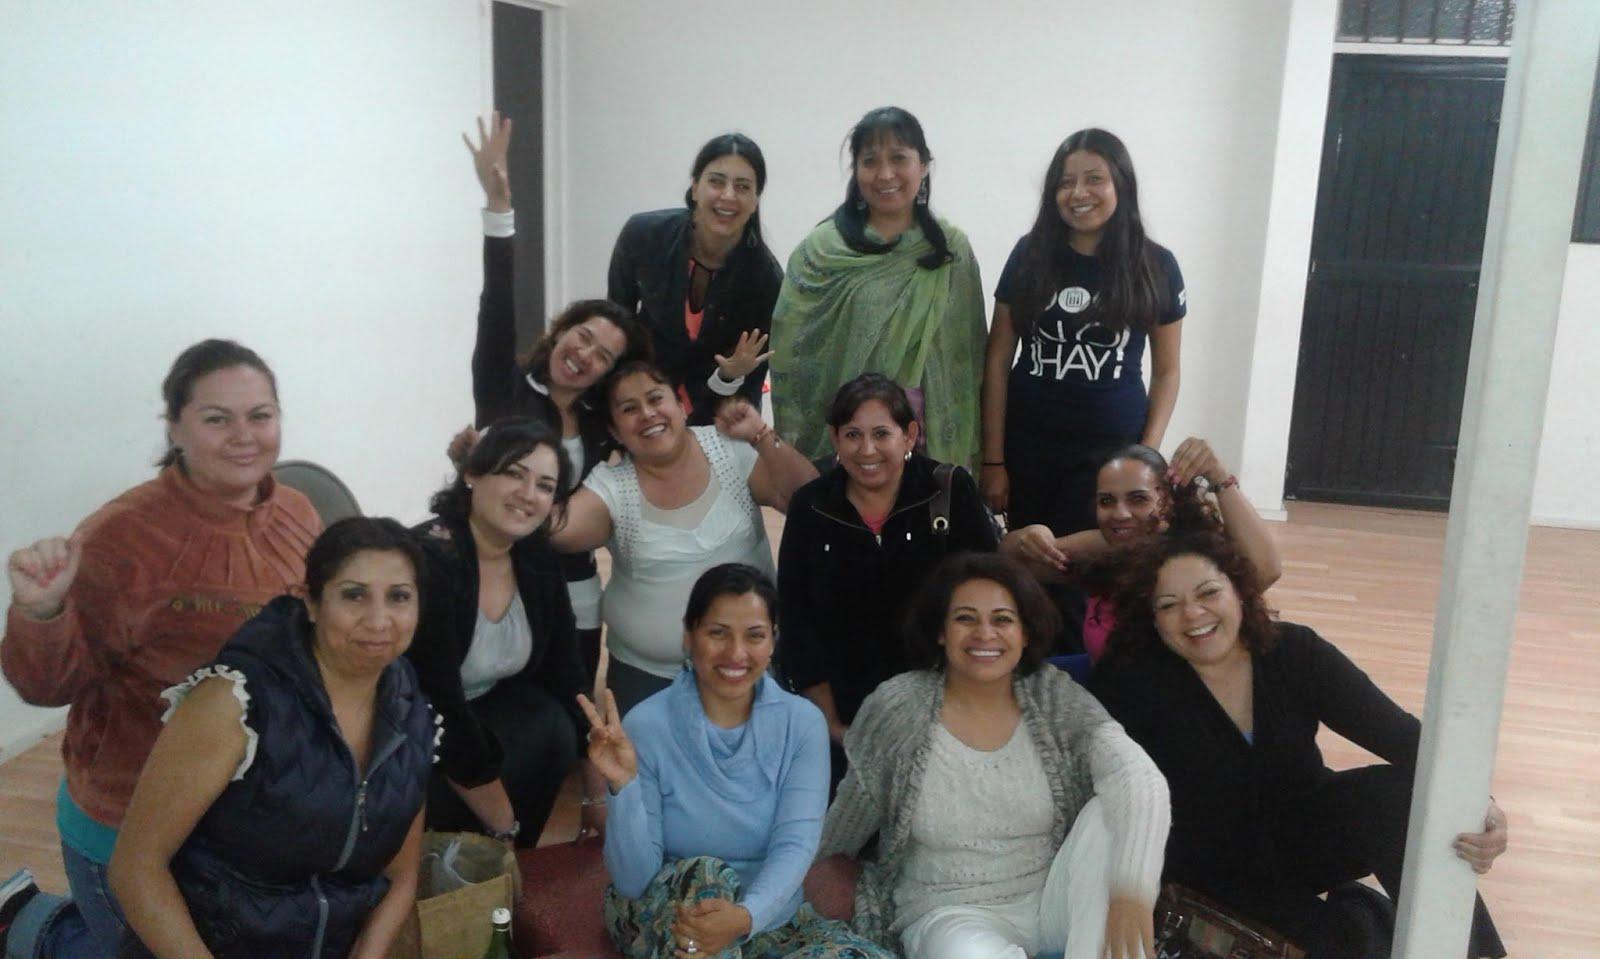 Un gusto meditar y conocer la energía de las Mujeres